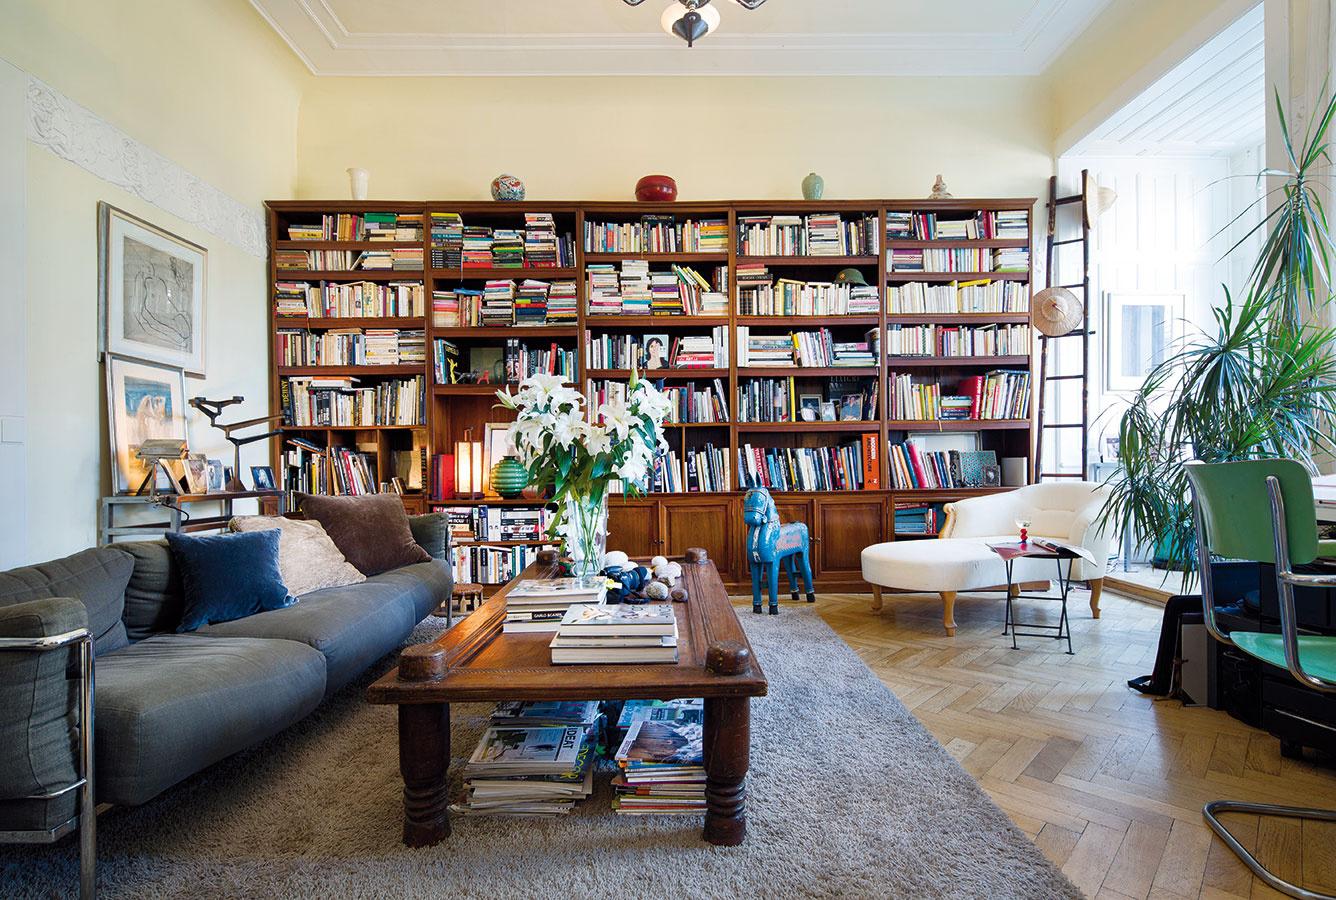 Obletieť celý svet je možné kĺzaním pohľadu po masívnych kusoch nábytku aj originálnych doplnkoch. To všetko na podklade pôvodných drevených parkiet azachovaných secesných štúk.